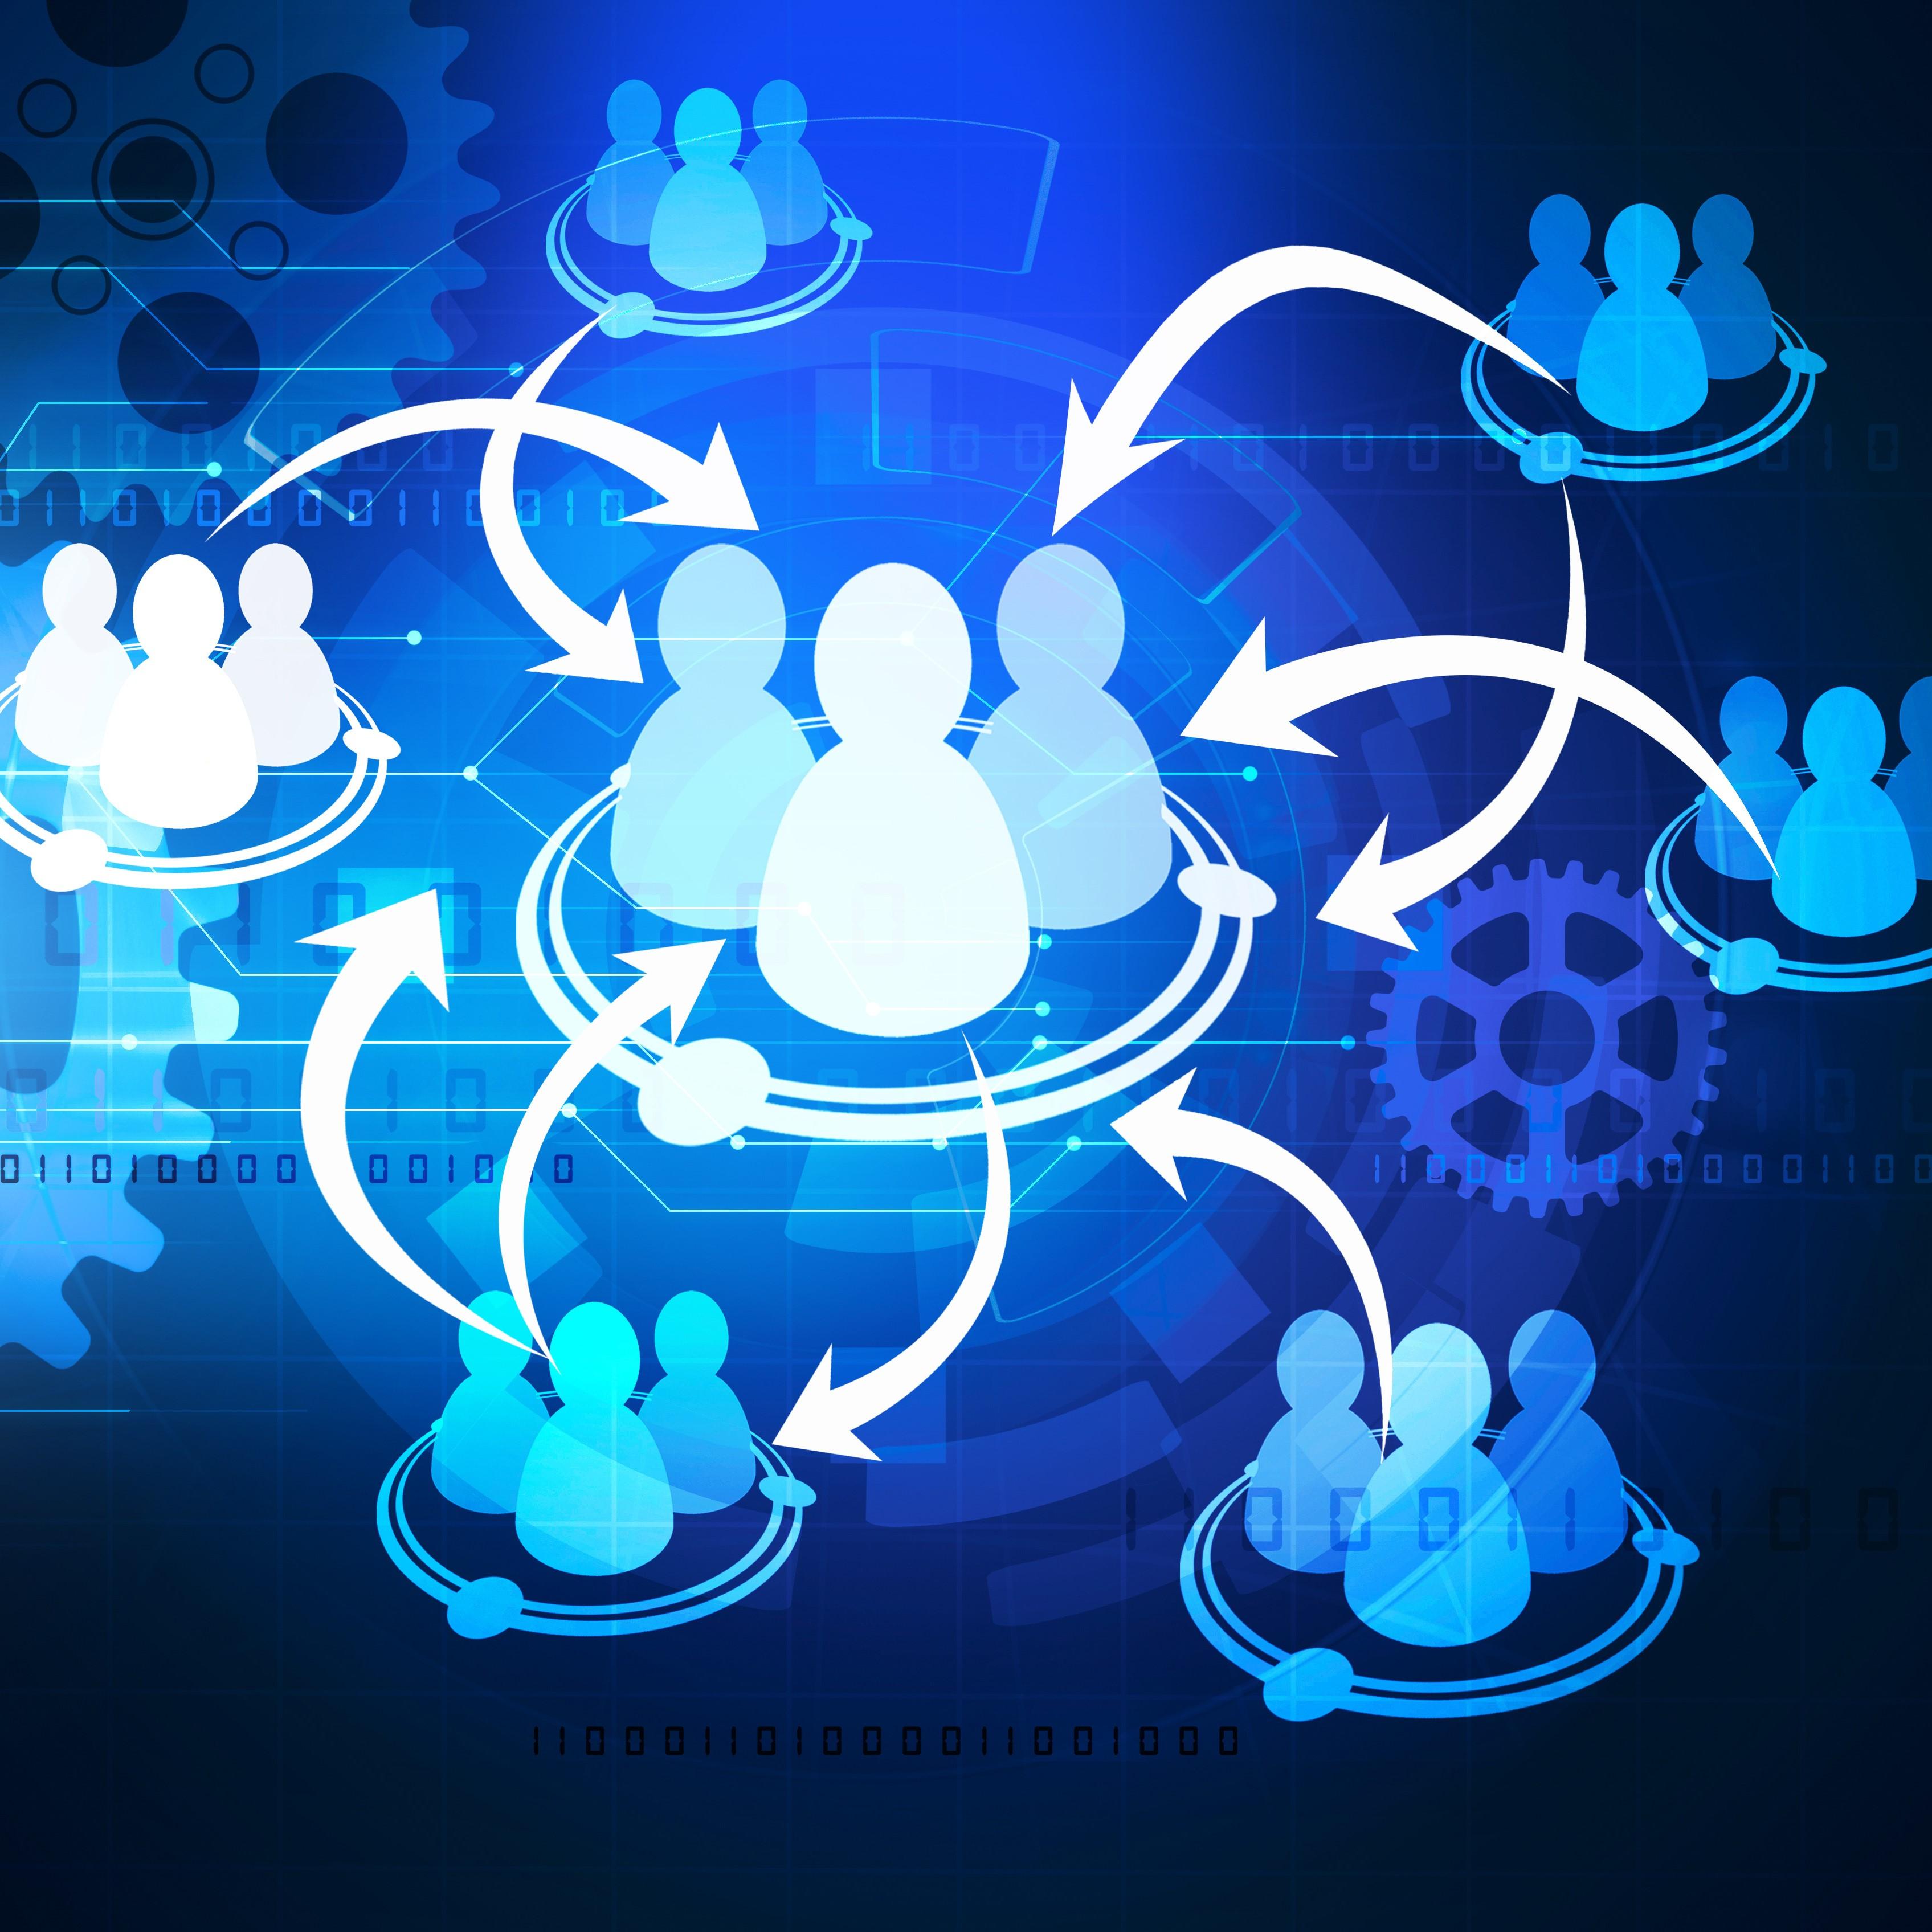 Crowdsource-sq